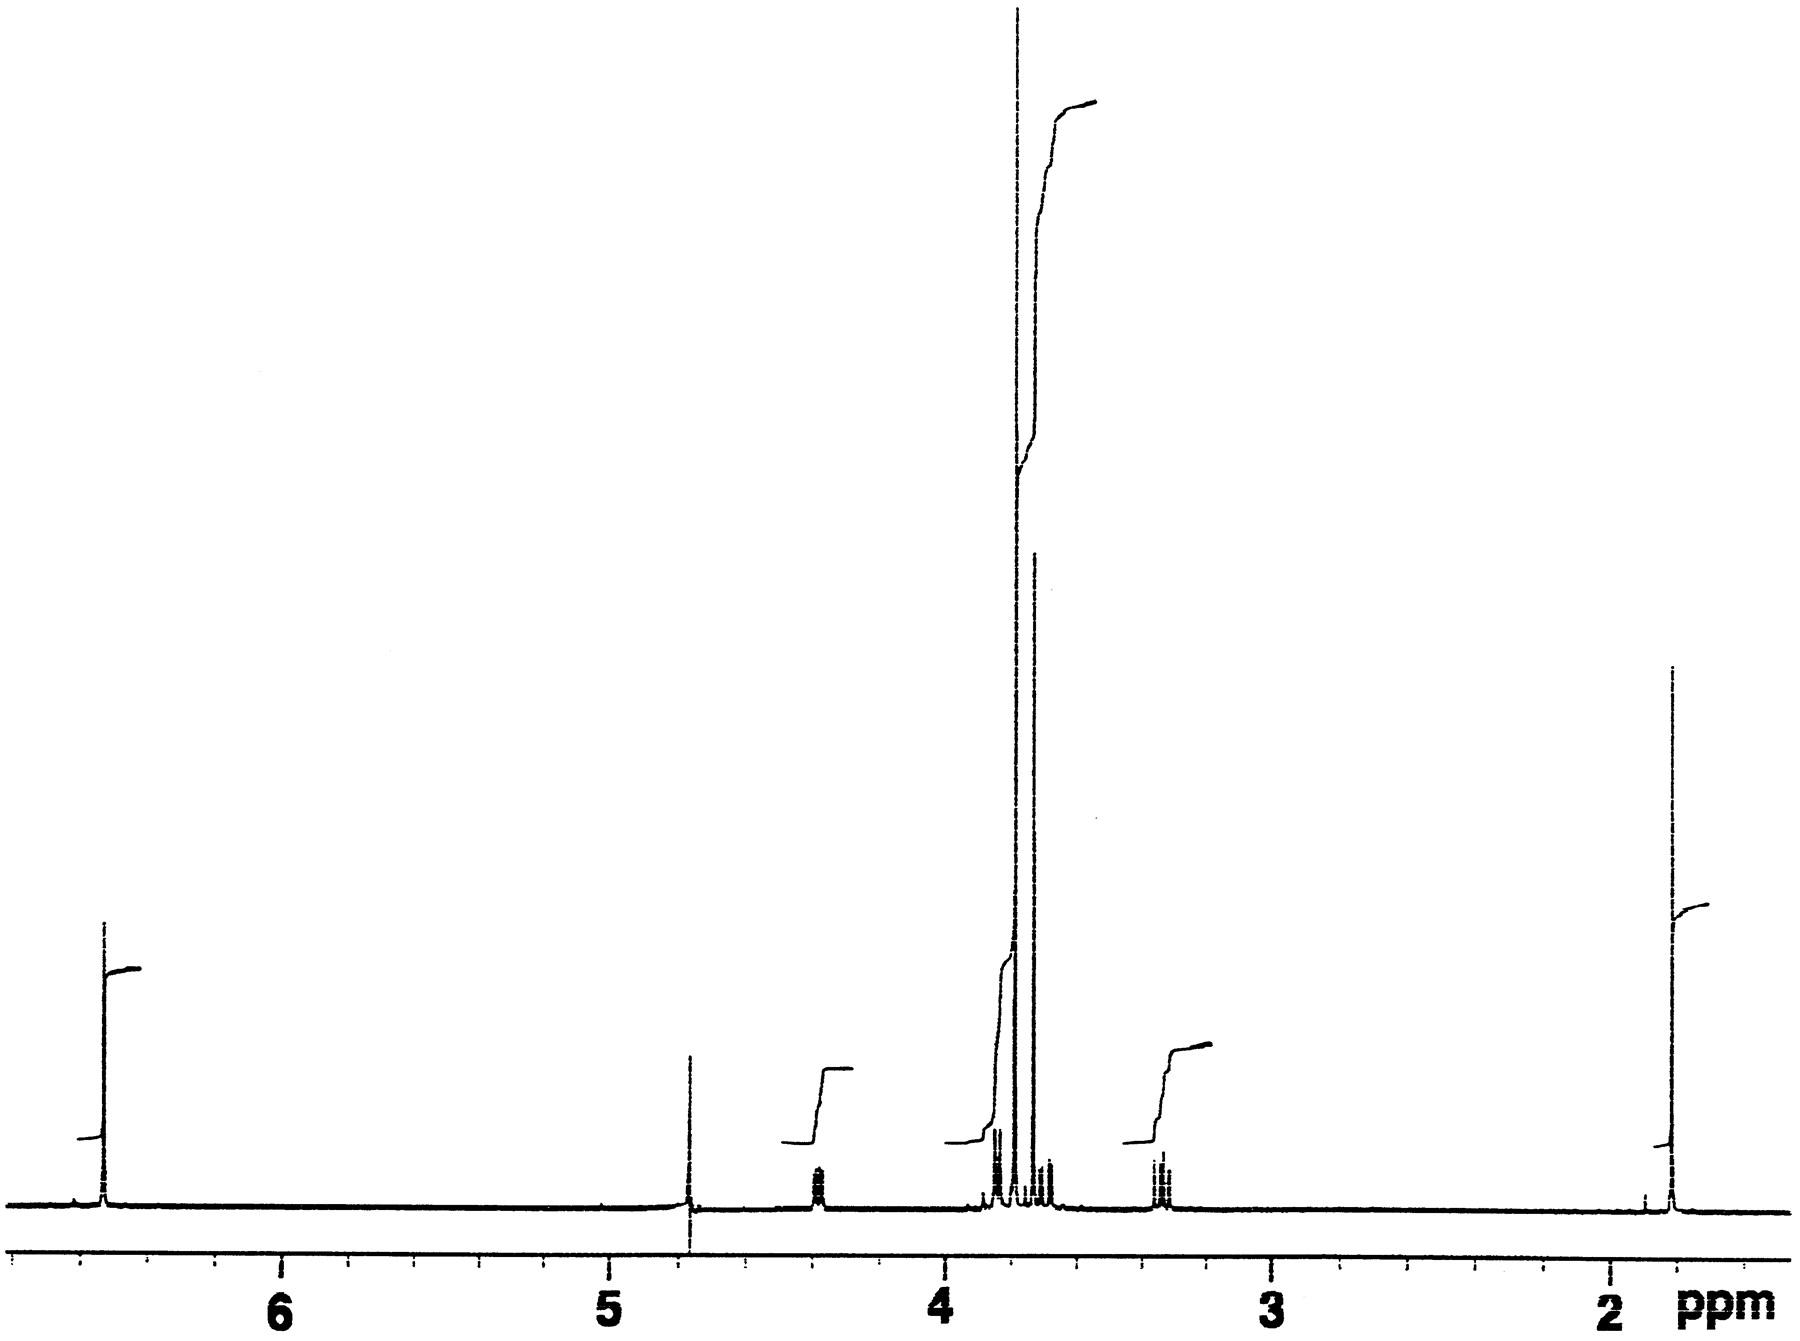 Metabolism Of Trimethoprim To A Reactive Iminoquinone